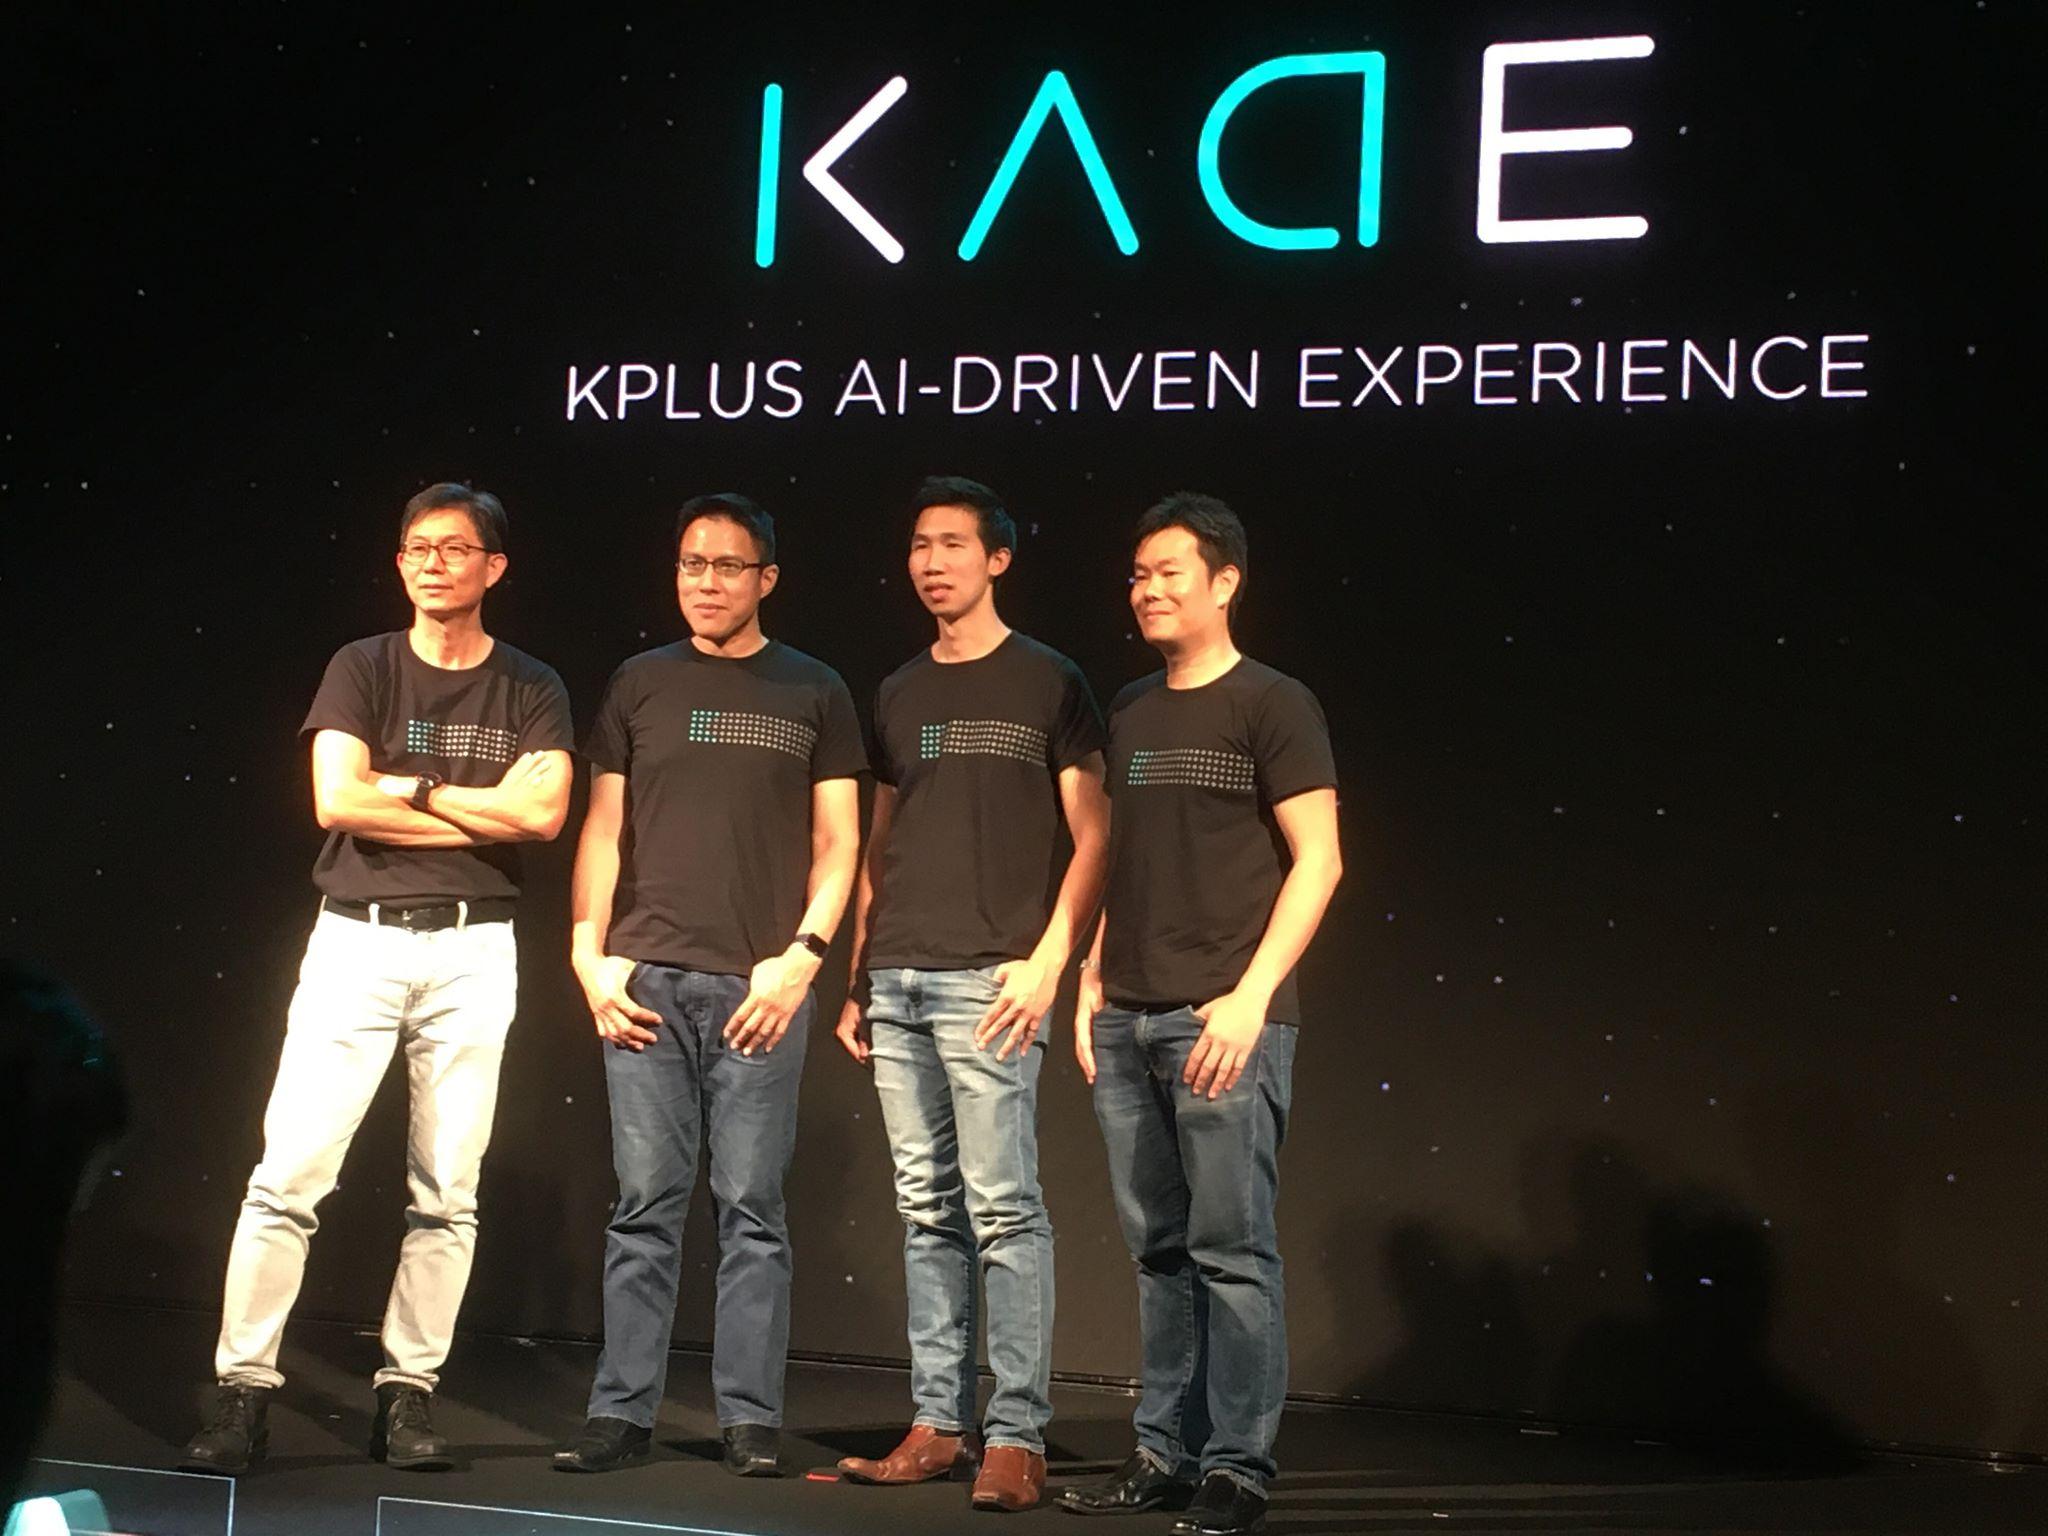 """""""กสิกรไทย"""" เล็งเปิดตัว """"KADE"""" ใช้ปัญญาประดิษฐ์กับแอป K PLUS ในปีนี้"""